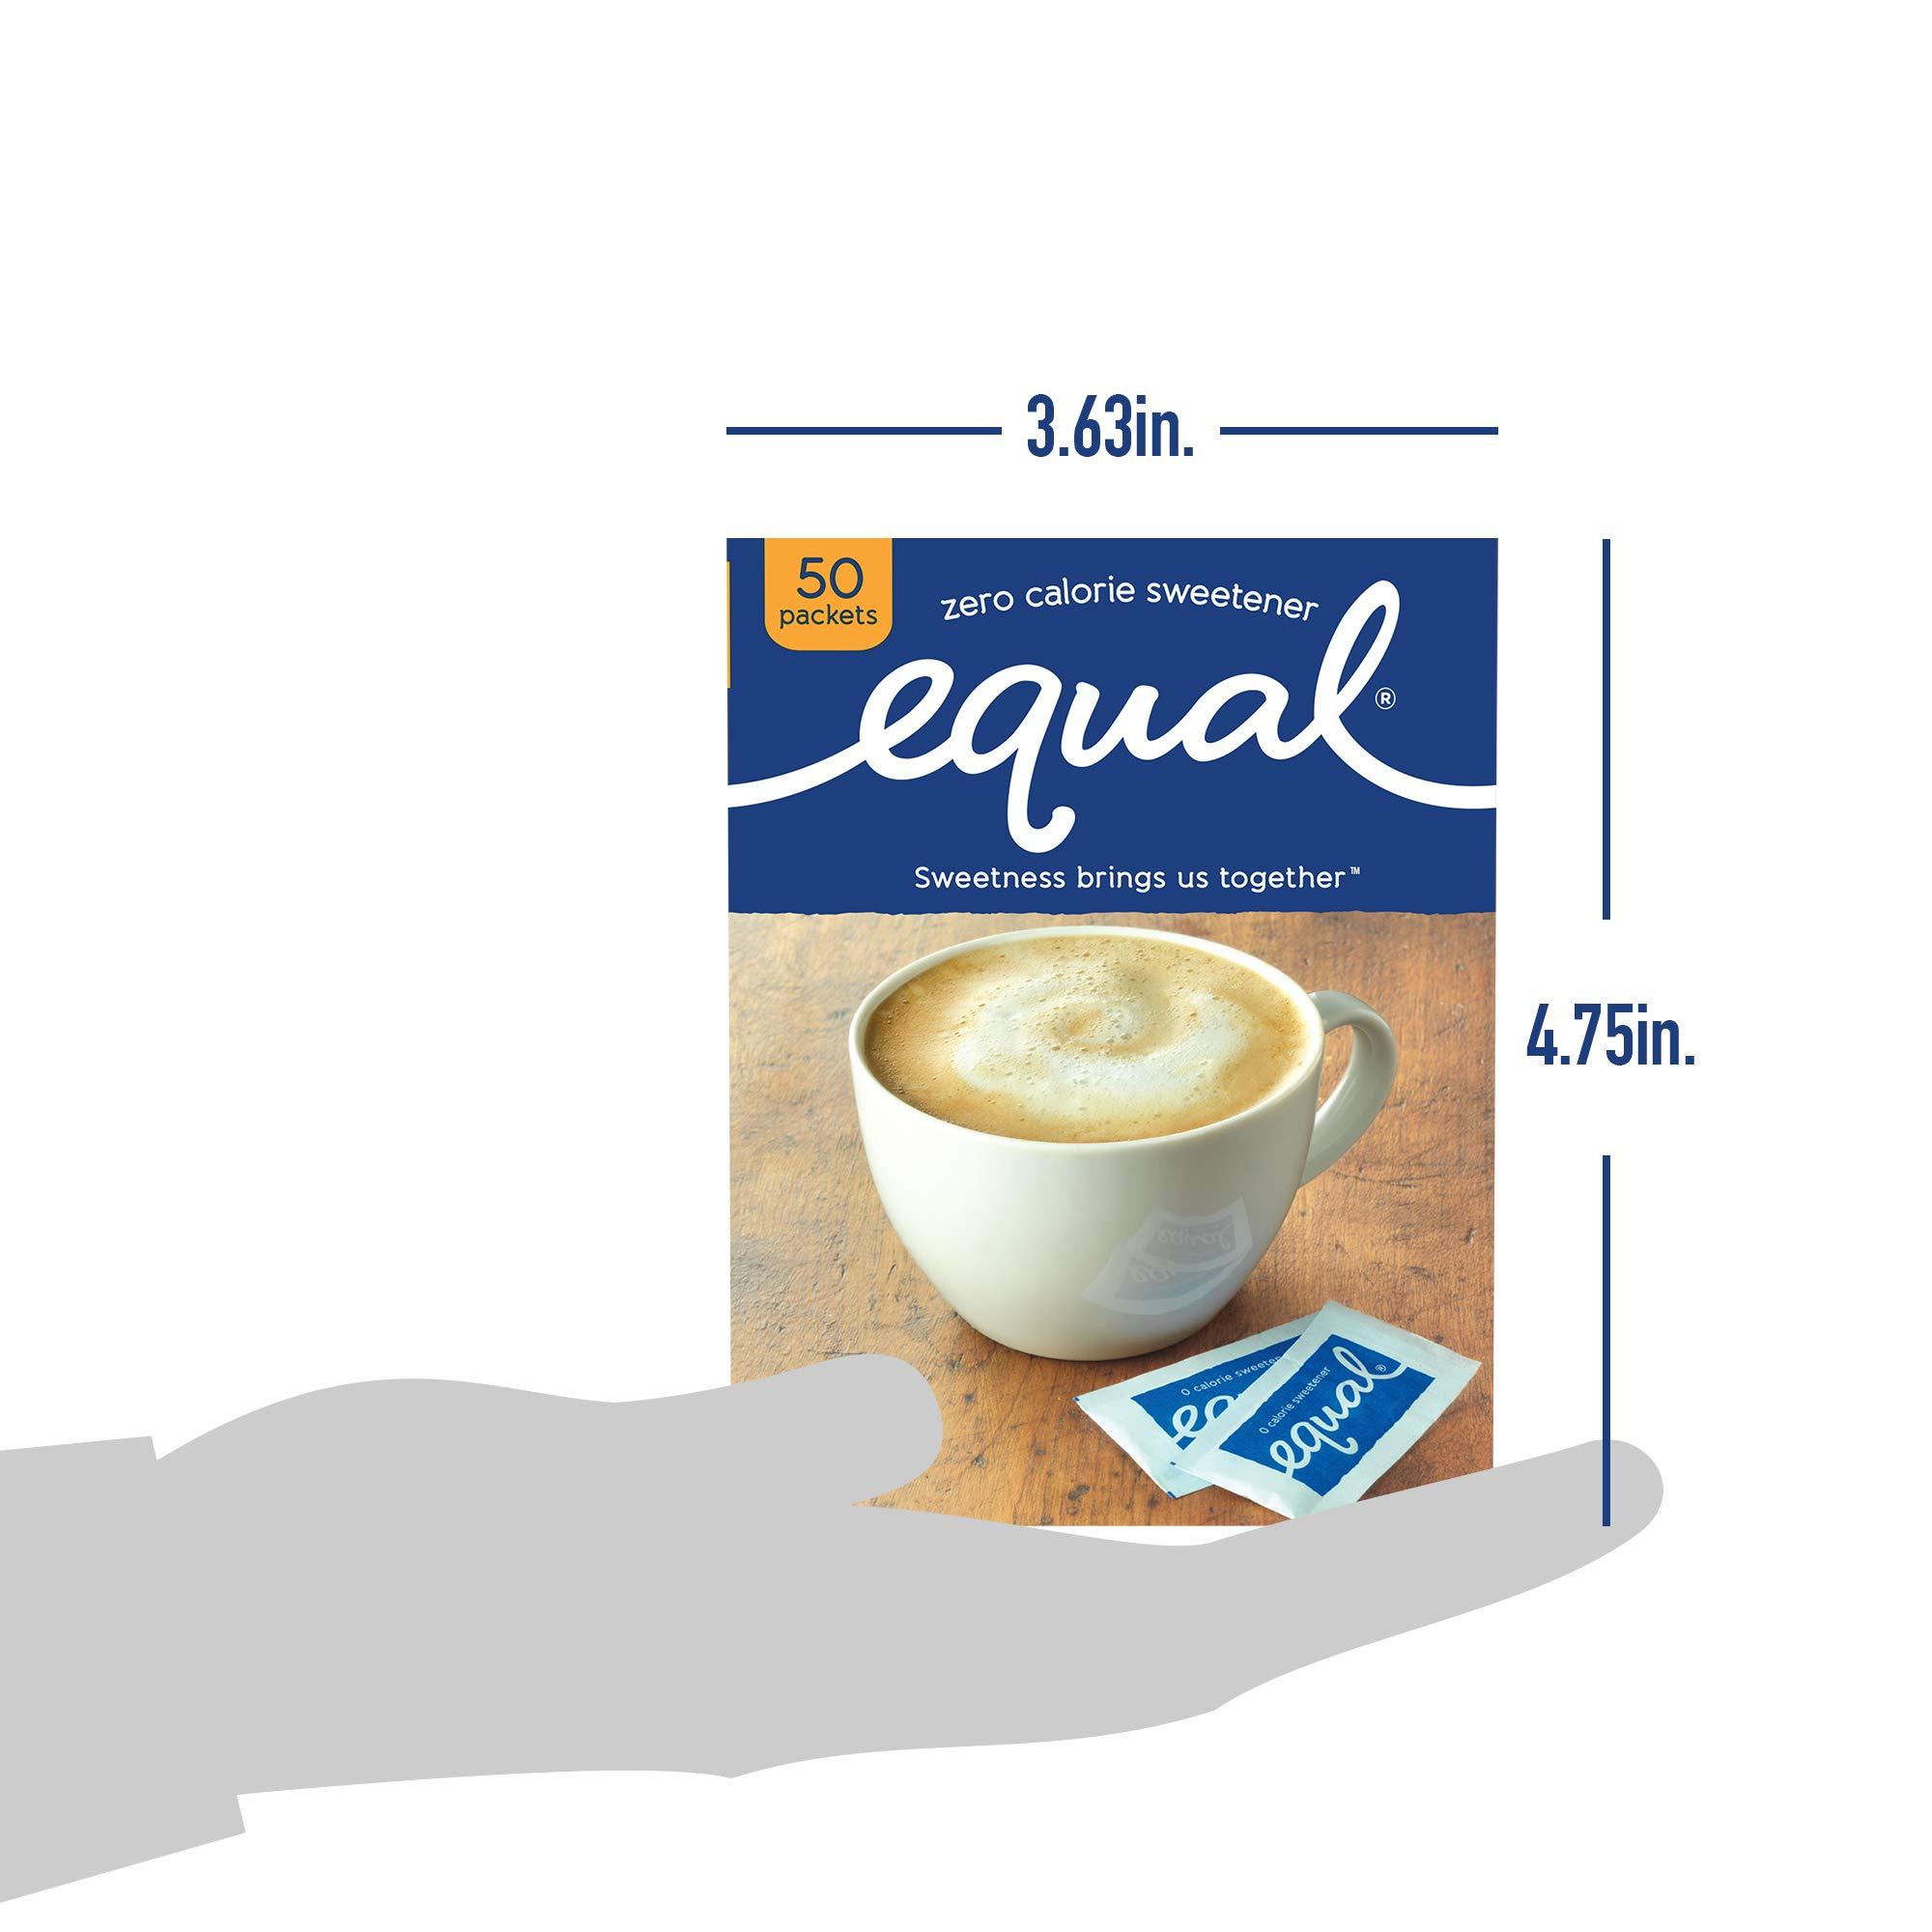 EQUAL 0 Calorie Sweetener, Sugar Substitute, Zero Calorie Sugar Alternative Sweetener Packets, Sugar Alternative, 50 Count (Pack of 12) by Equal (Image #8)